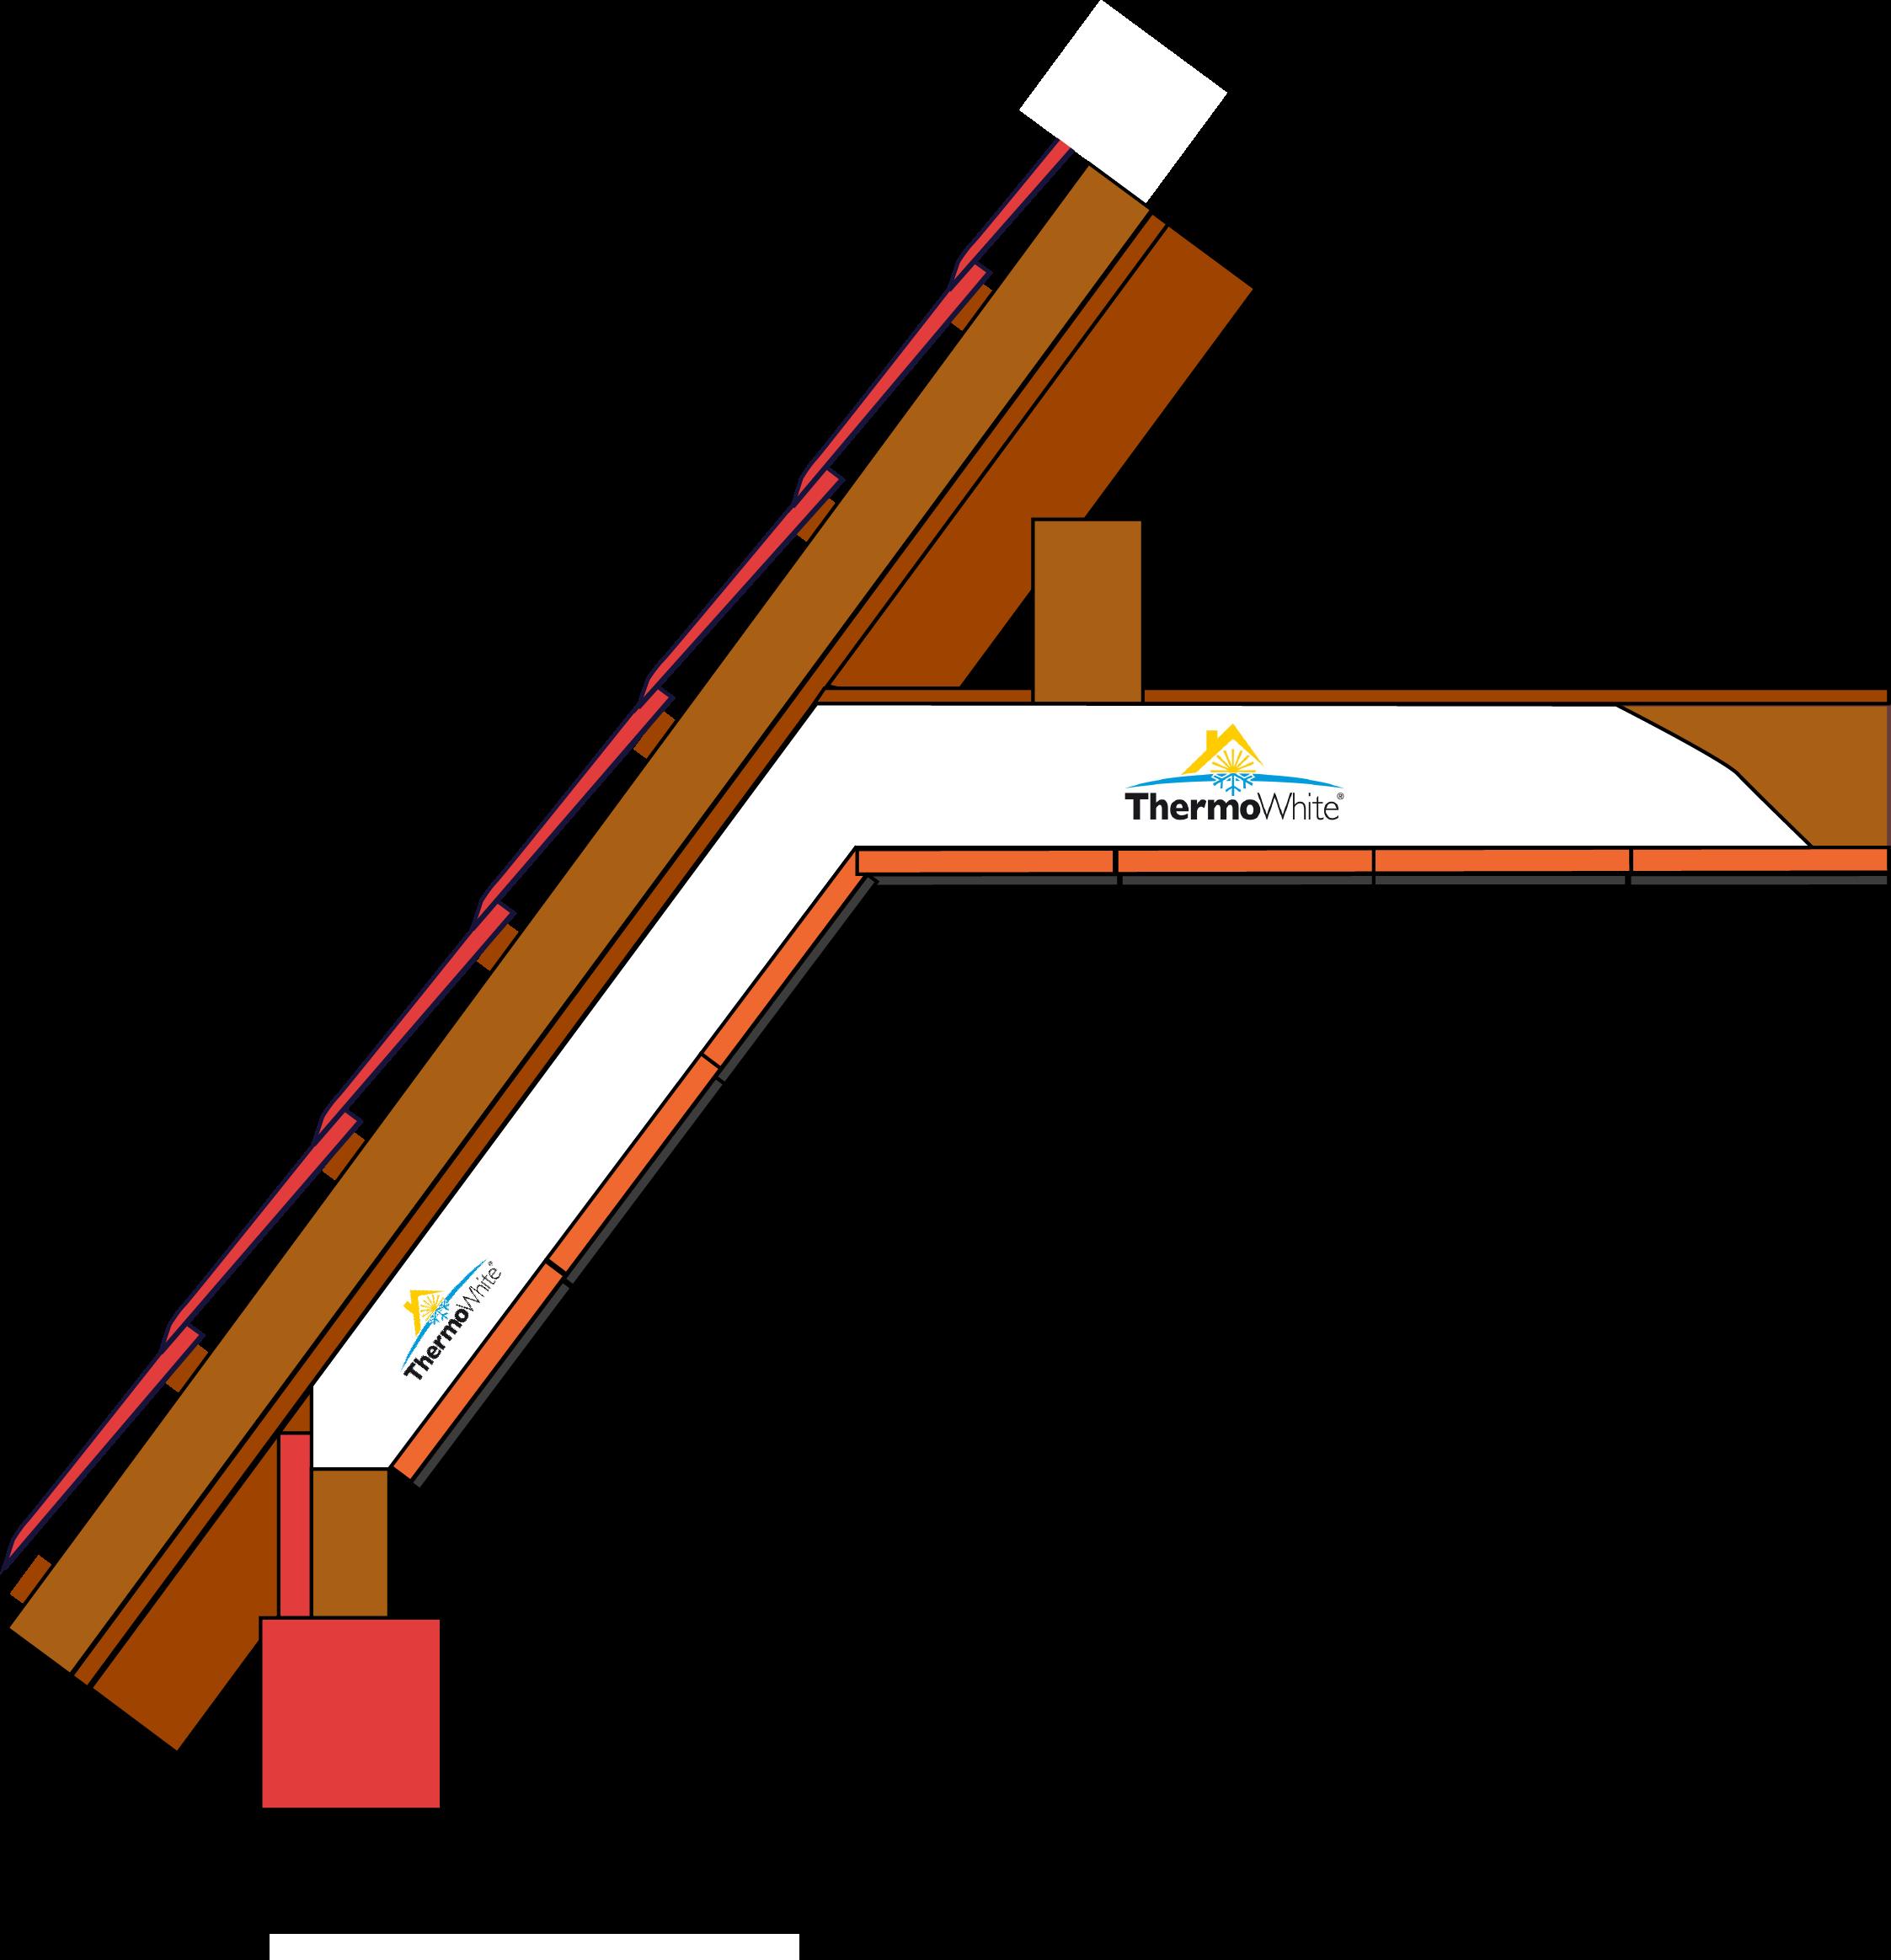 Detailansichten - Gefälle, Dachsparren & Zwischensparren